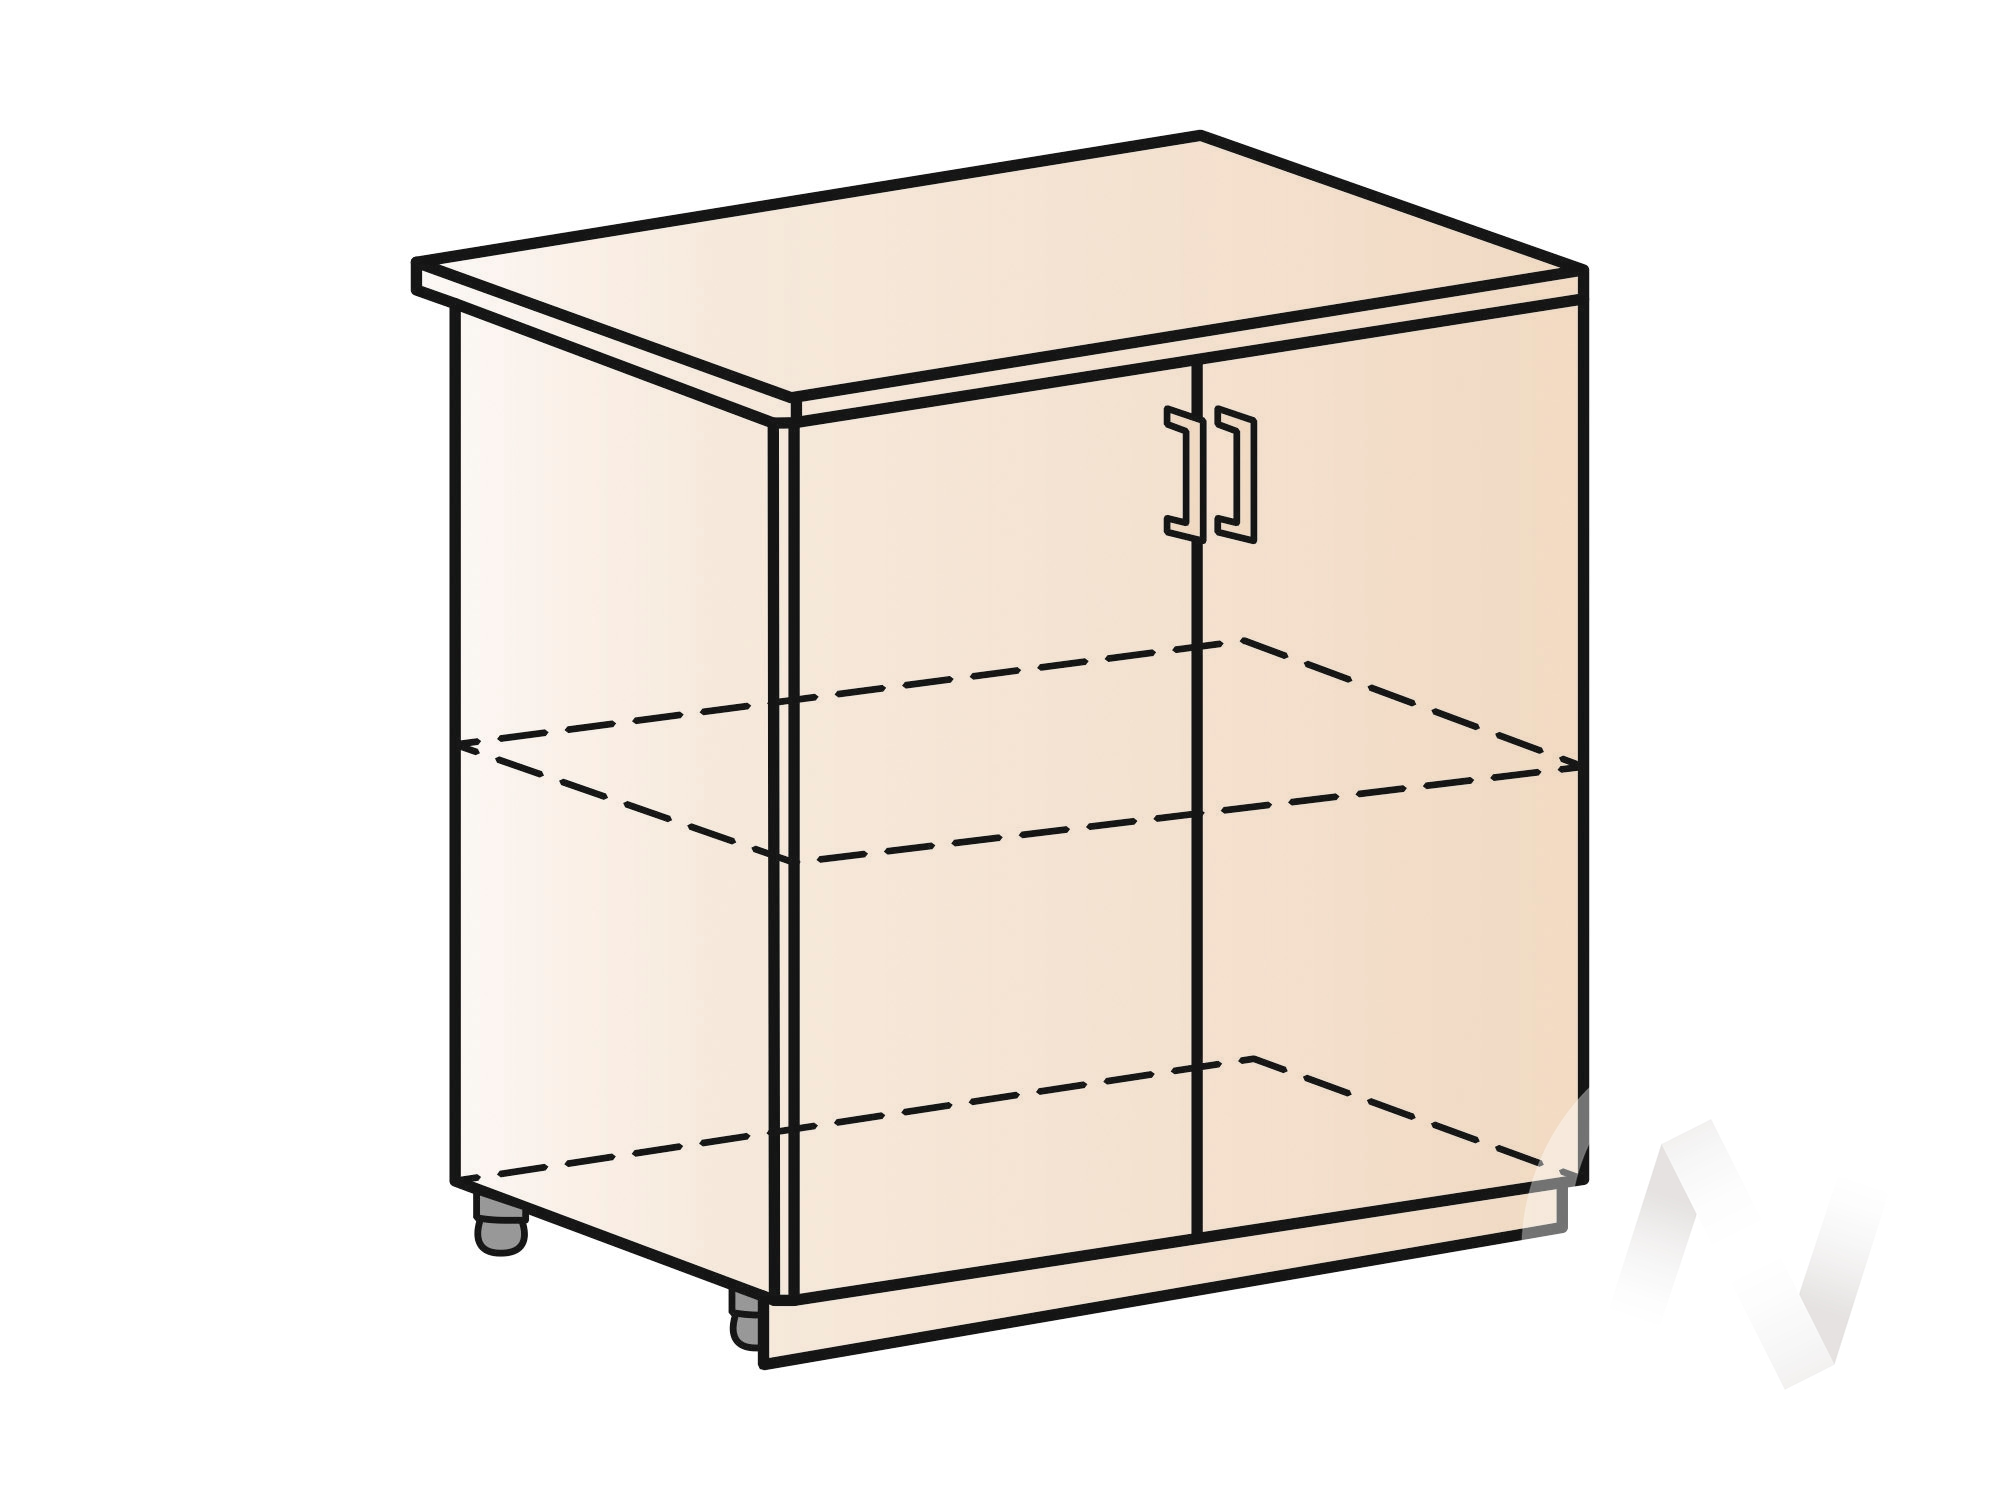 """Кухня """"Люкс"""": Шкаф нижний 800, ШН 800 (Шелк венге/корпус венге) в Новосибирске в интернет-магазине мебели kuhnya54.ru"""